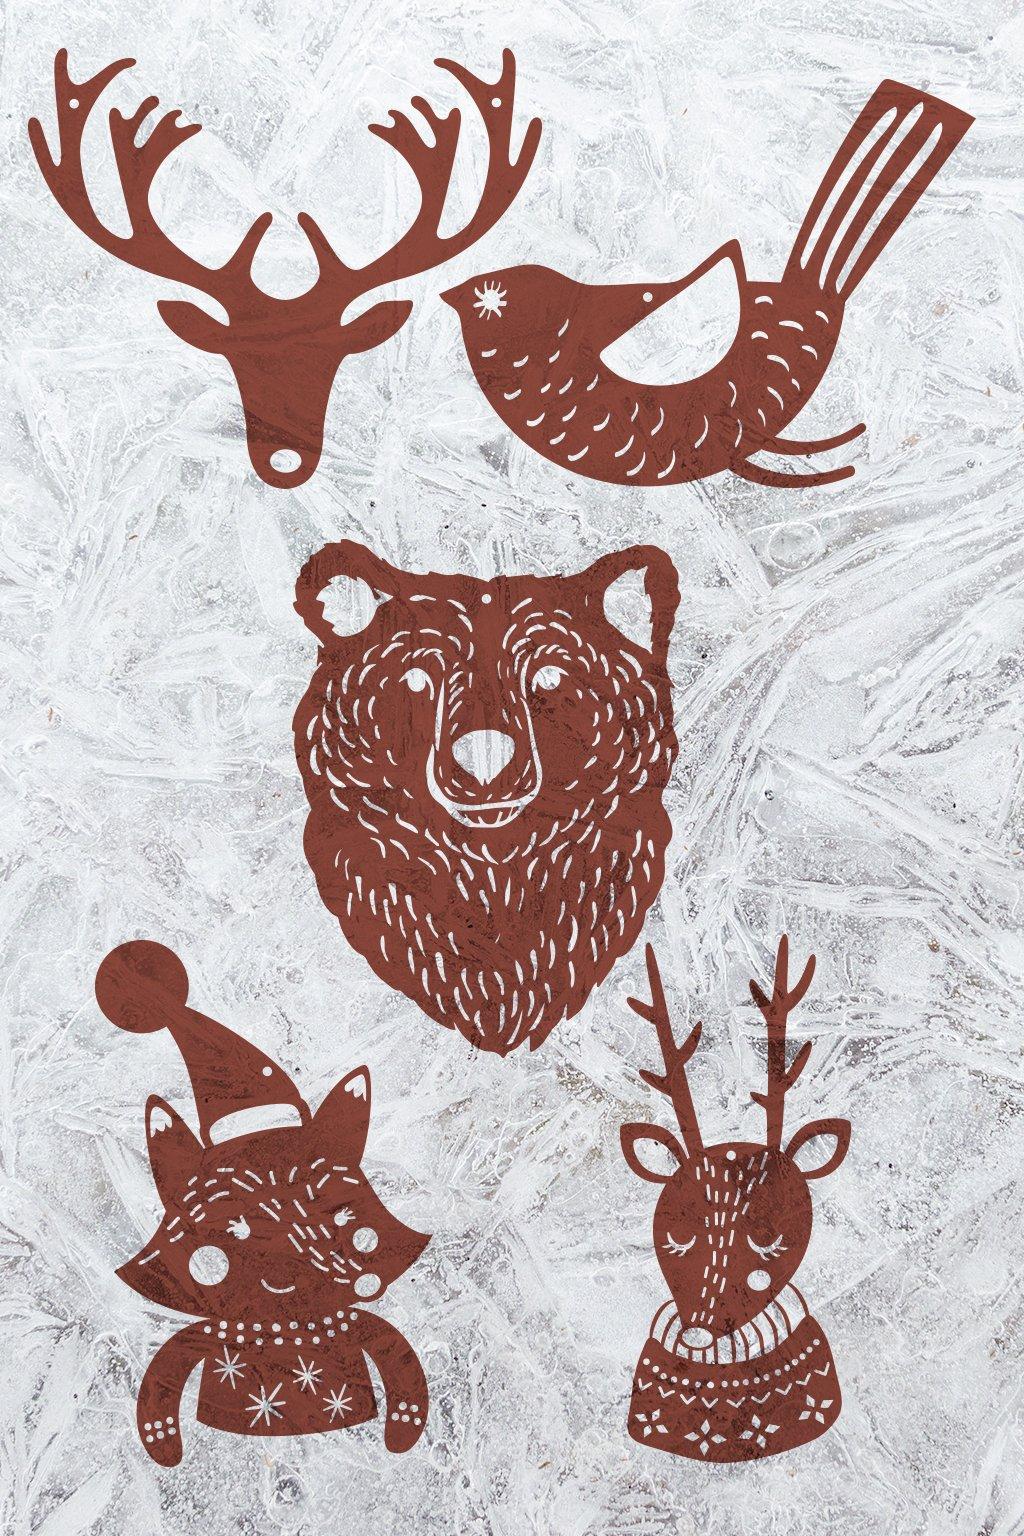 Dřevěná vánoční kolekce s lesními zvířátky Divá zvěř | JAA∞TY